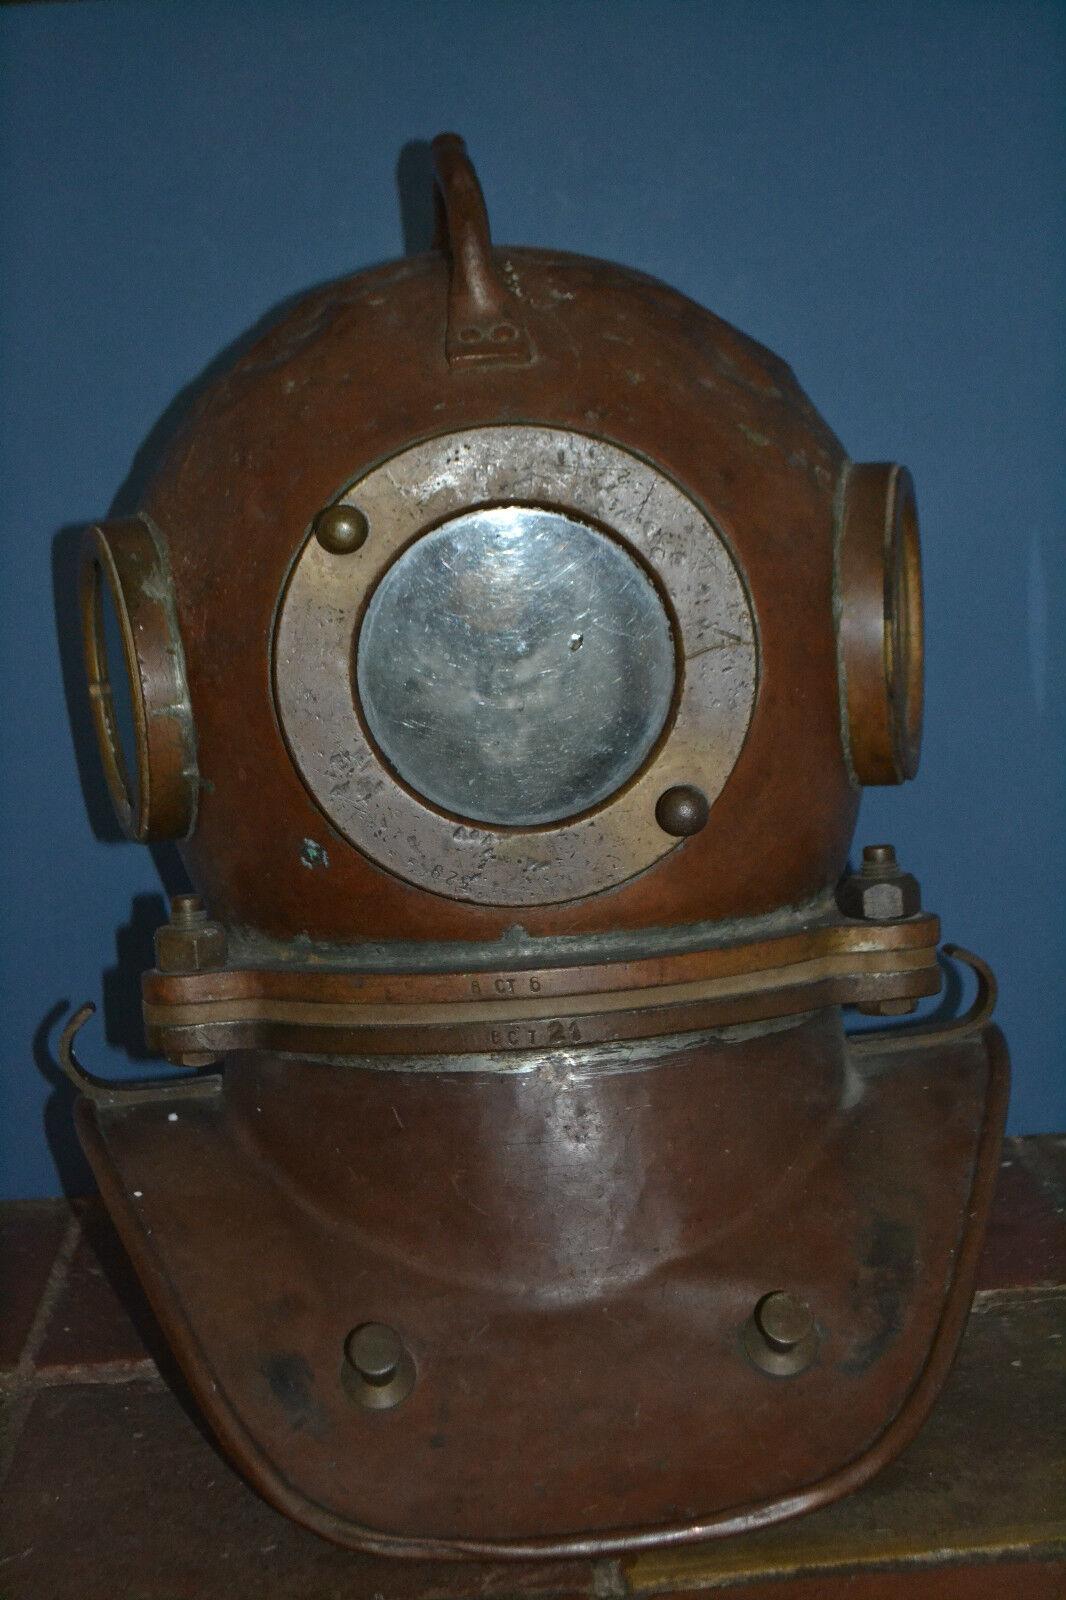 Genuine Antique Mid 20th century Russian 3 Bolt Copper Diving Helmet,c 1960